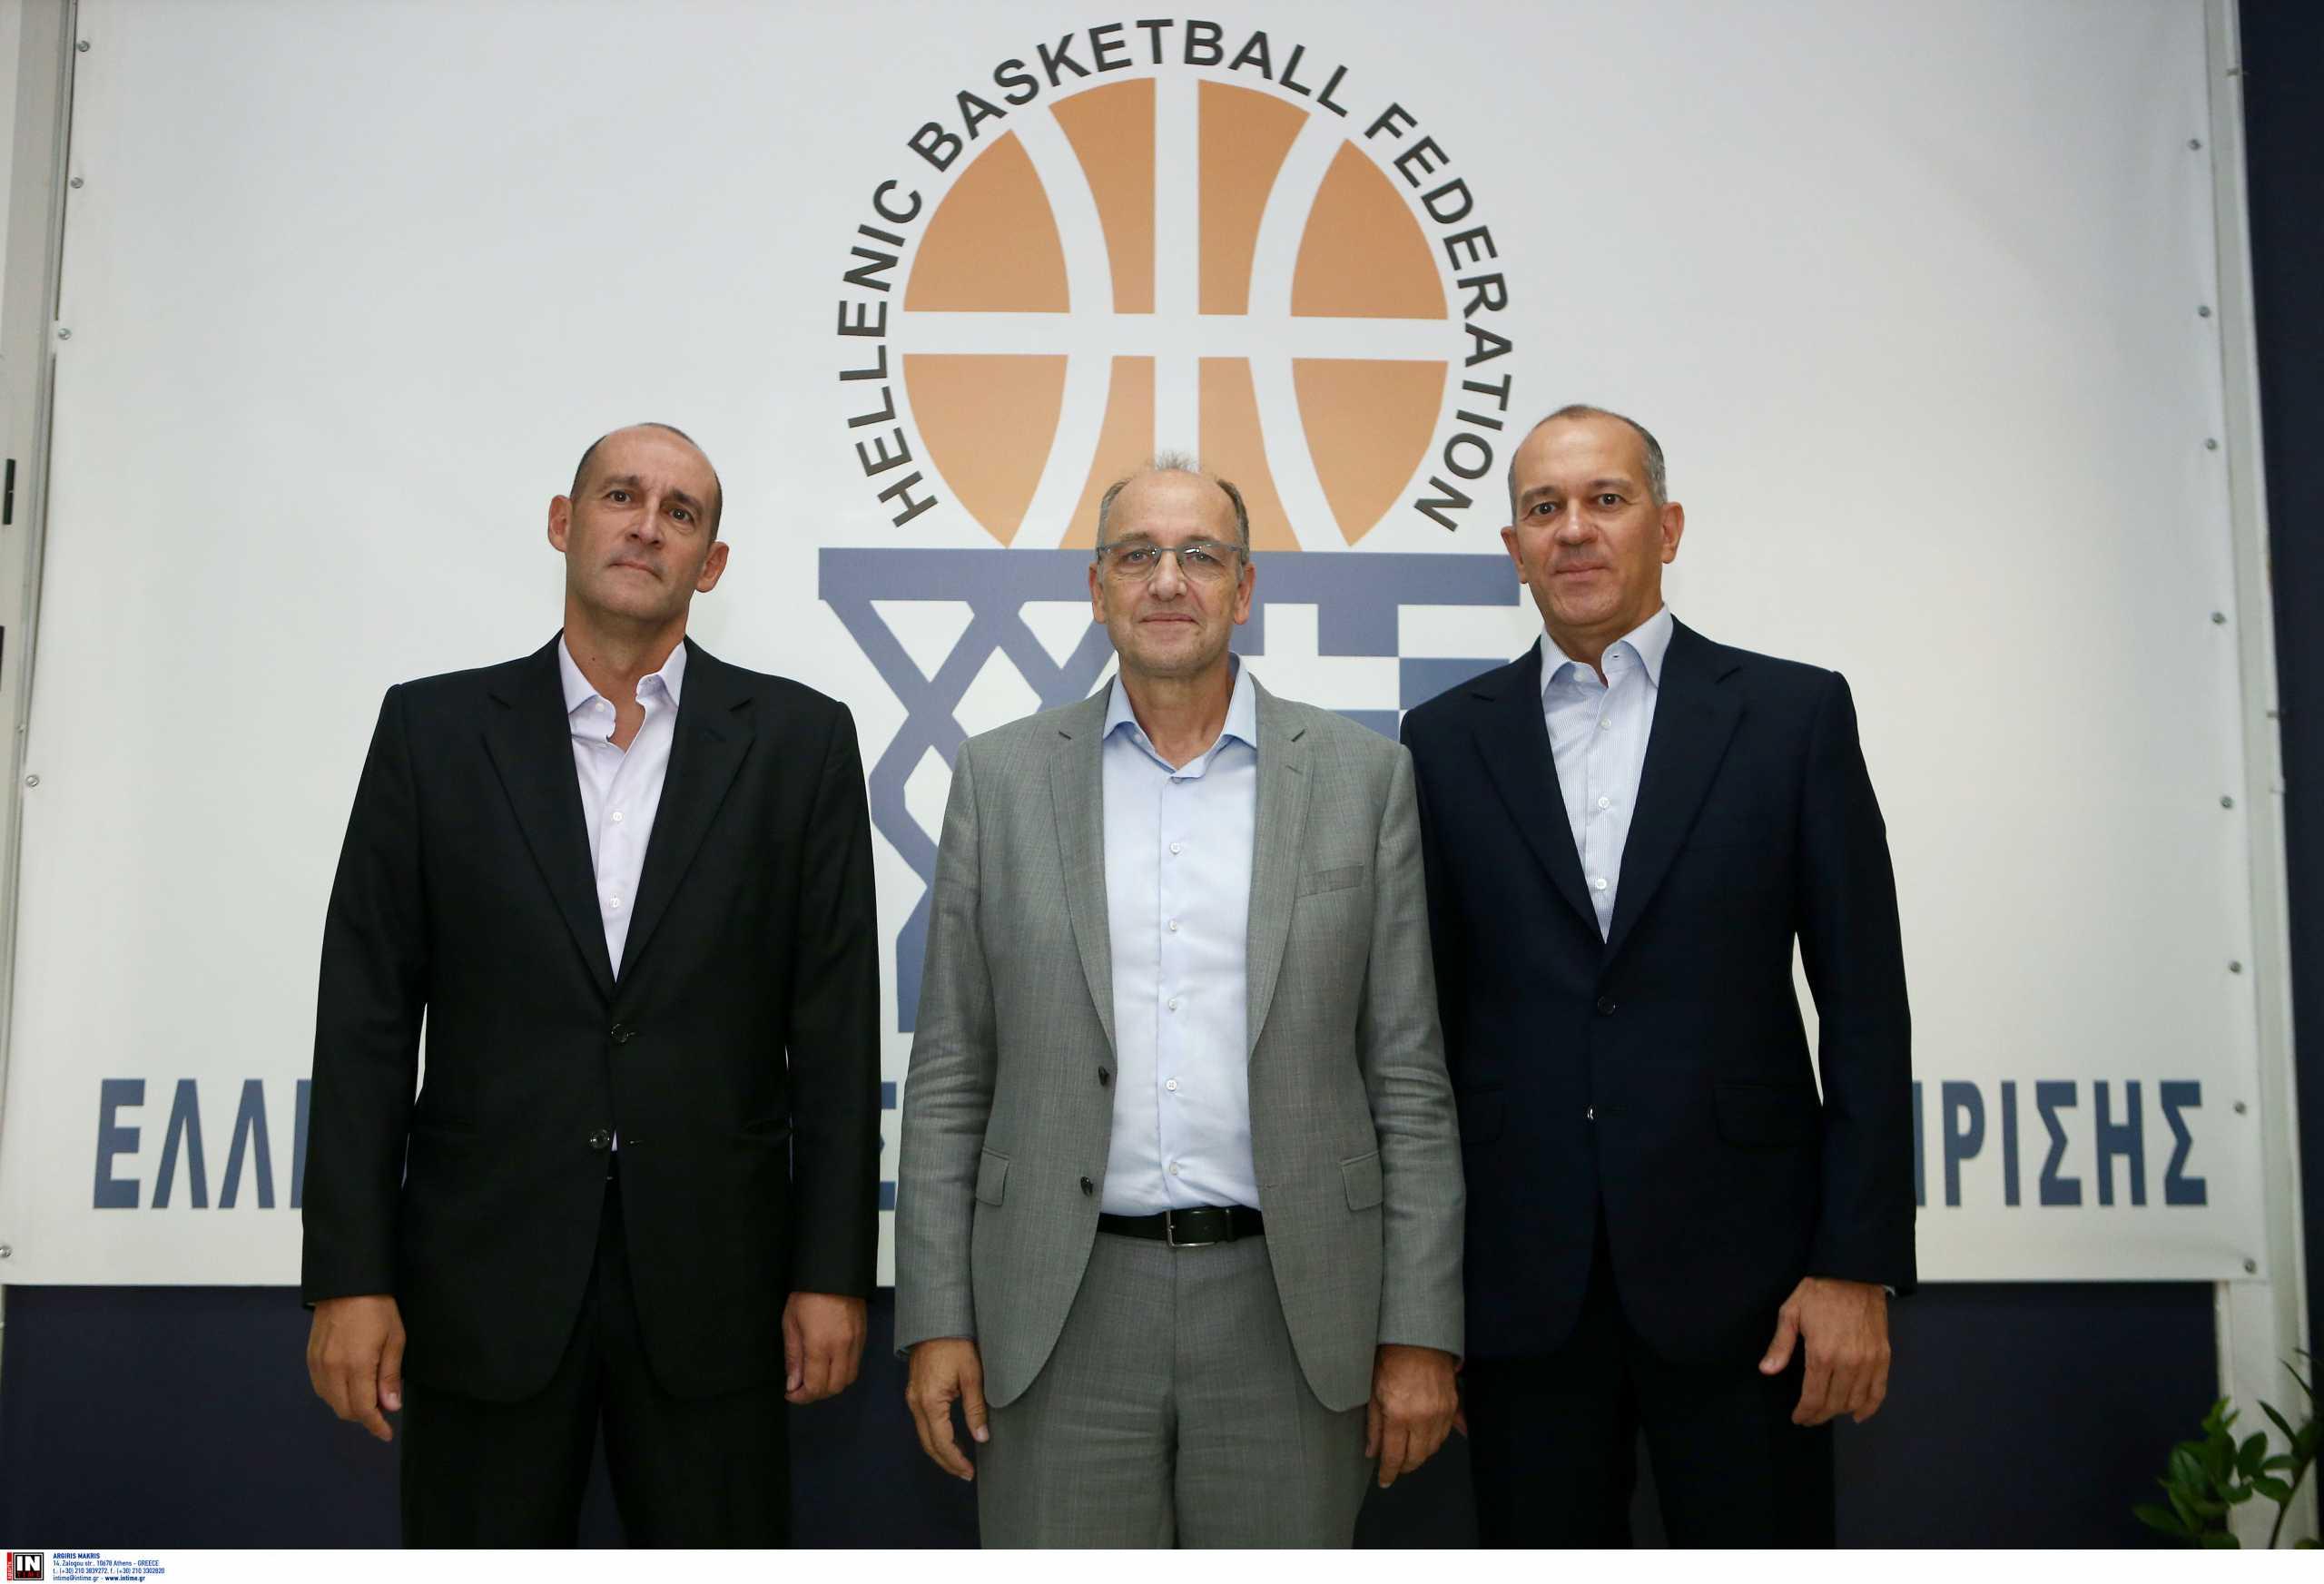 ΕΟΚ: Ο Λιόλιος συναντήθηκε με τους Αγγελόπουλους – «Μας ενδιαφέρει η ενότητα στο μπάσκετ»